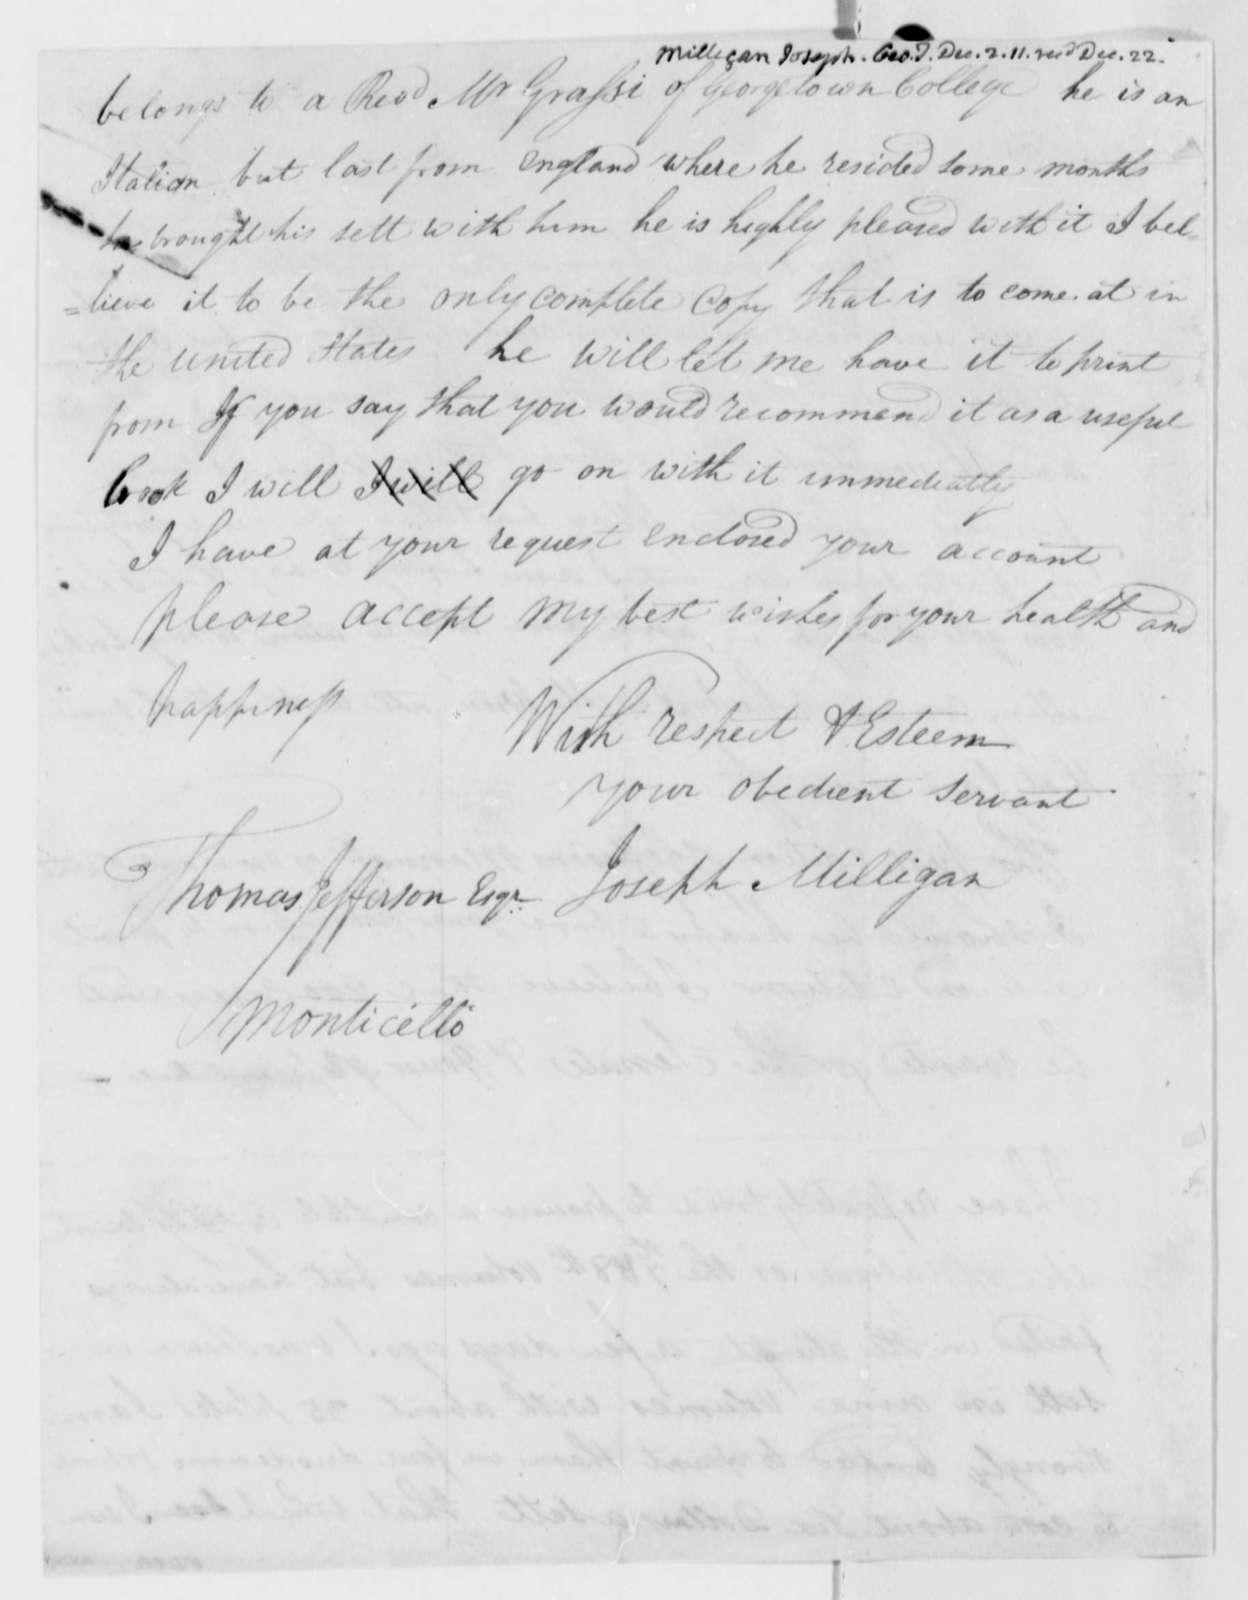 Joseph Milligan to Thomas Jefferson, December 2, 1811